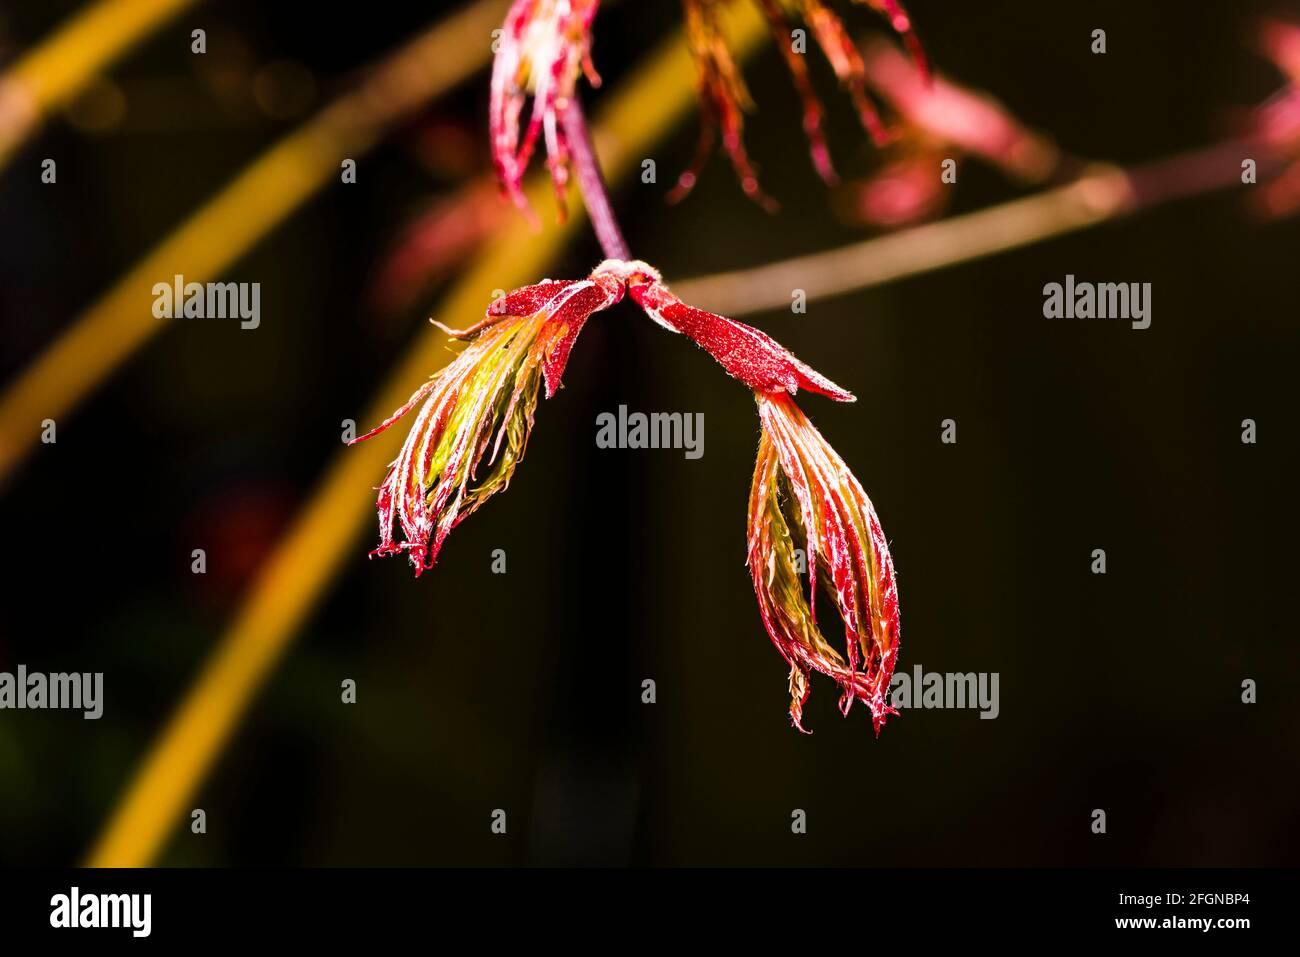 """Nahaufnahme eines sich öffnenden Blattes auf einem Acer-Palmatum """"Bloodgood""""-Baum in einem nordLondoner Frühlingsgarten, London, Großbritannien Stockfoto"""